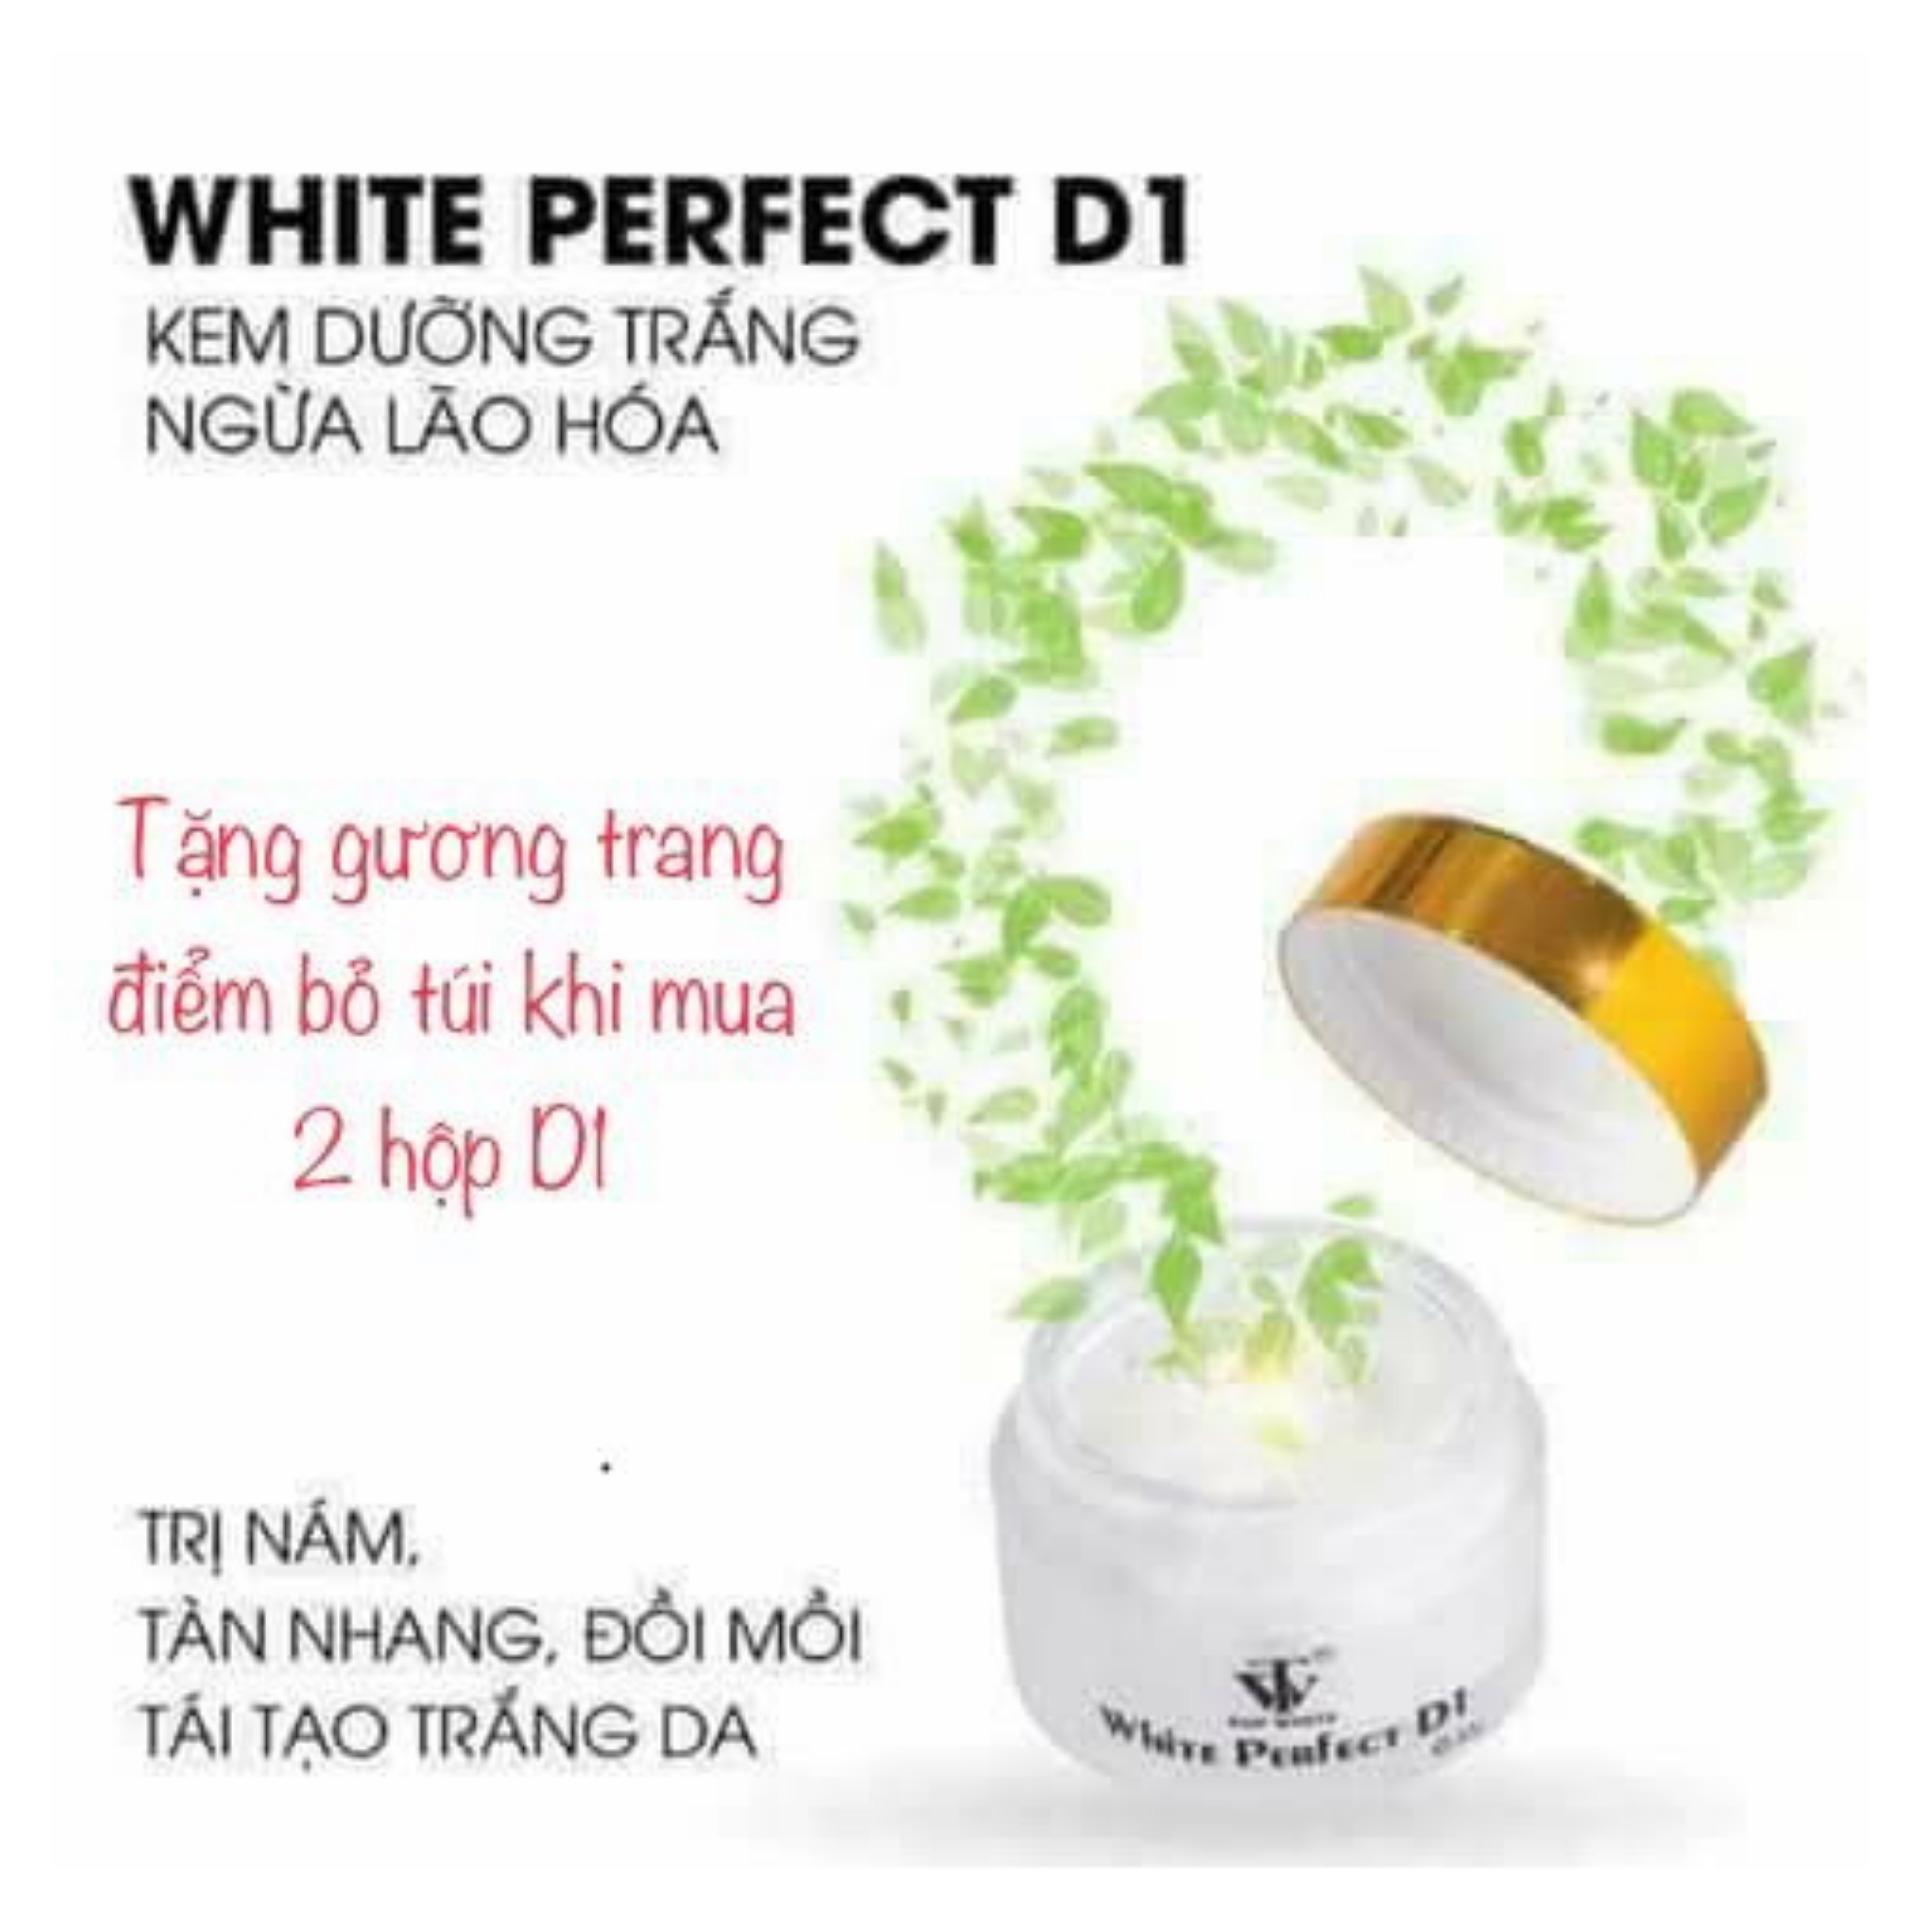 White Perfect D1 Kem ngăn ngừa nám, tàn nhang, đồi mồi chính hãng